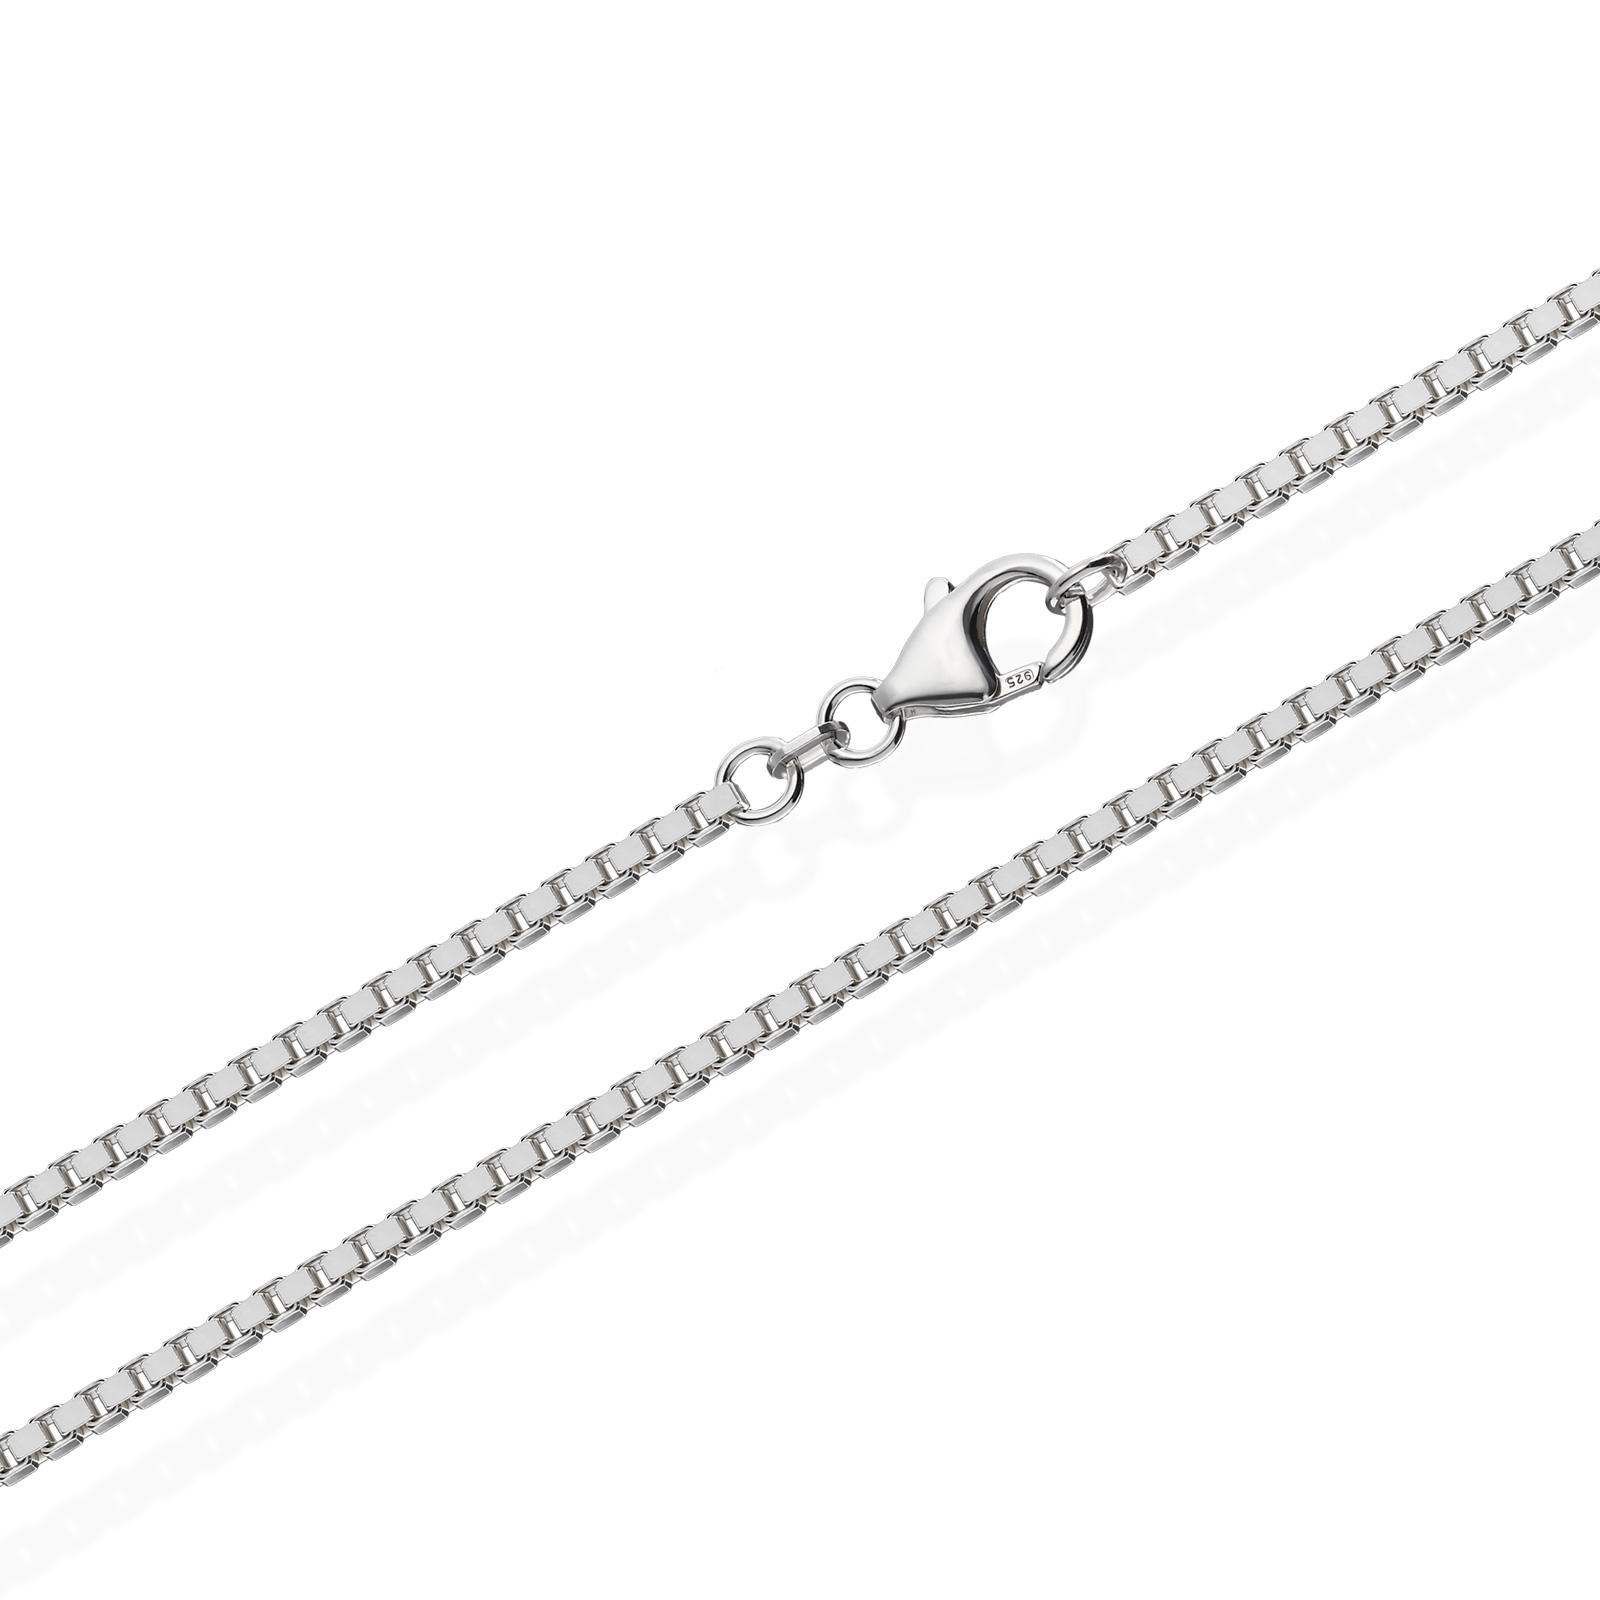 echte 925er Sterlingsilber Venezianerkette Silberkette Halskette Damen Herren 1,80mm